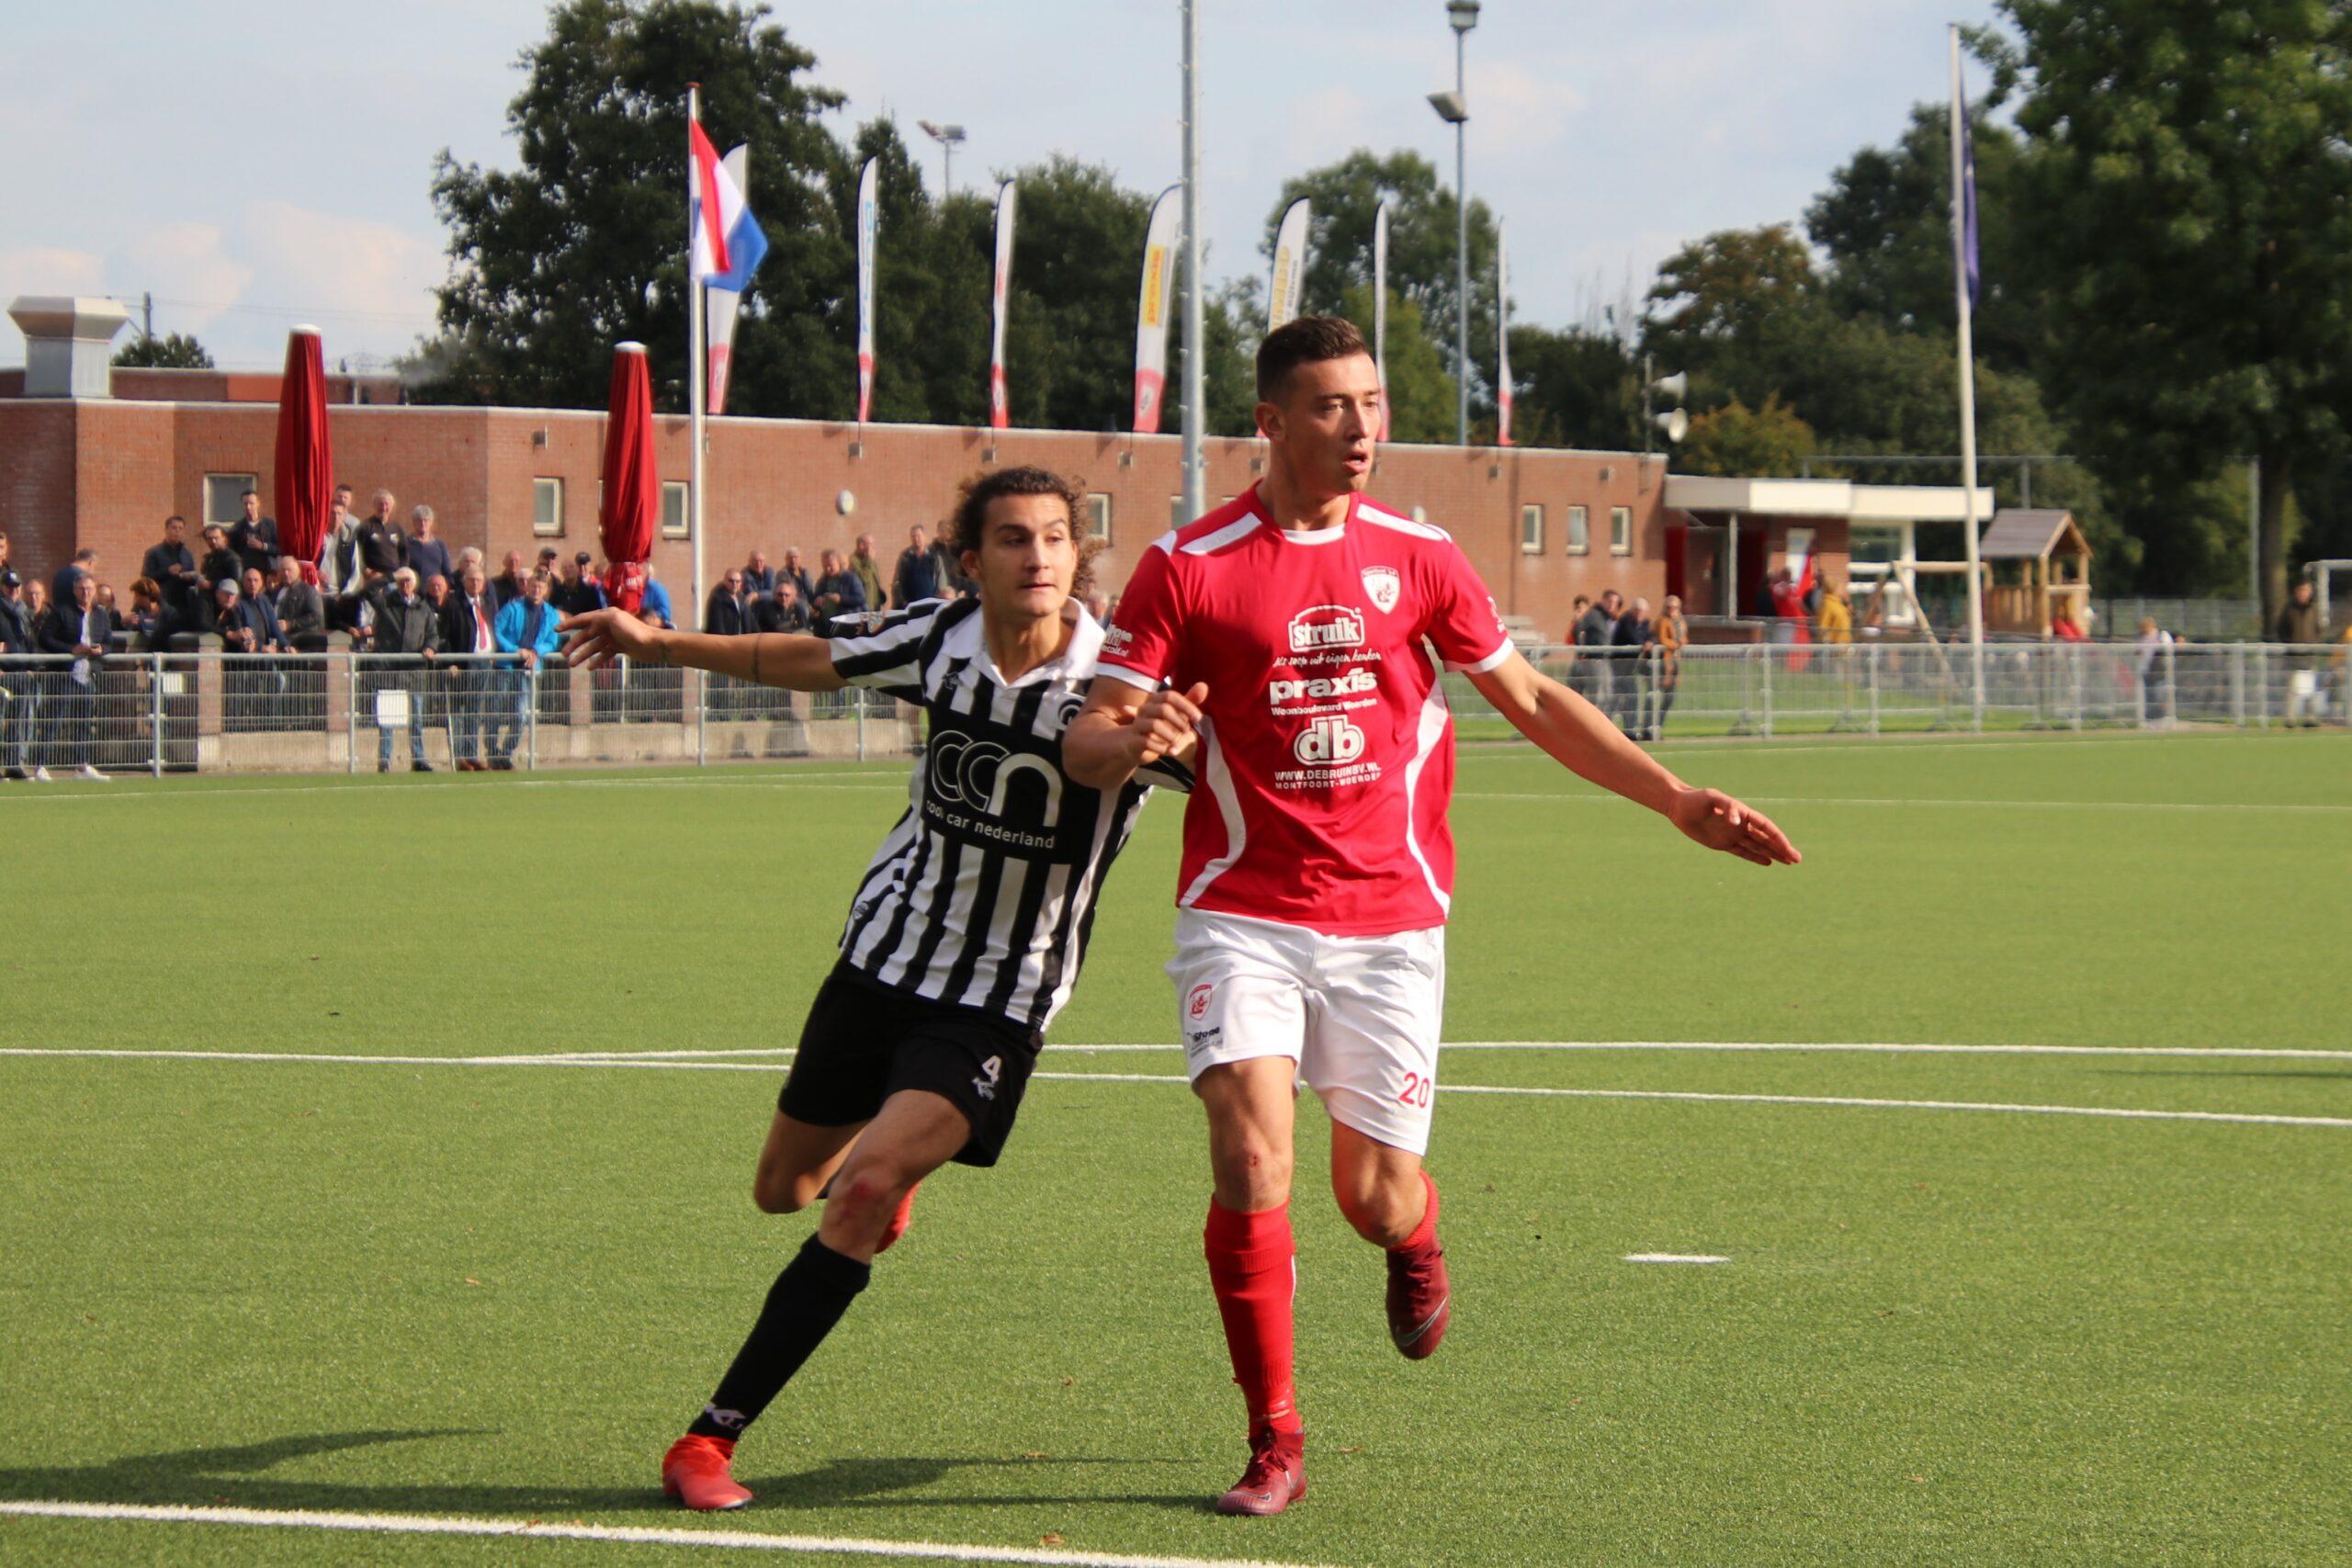 Sportlust '46 - Arie Verhagen